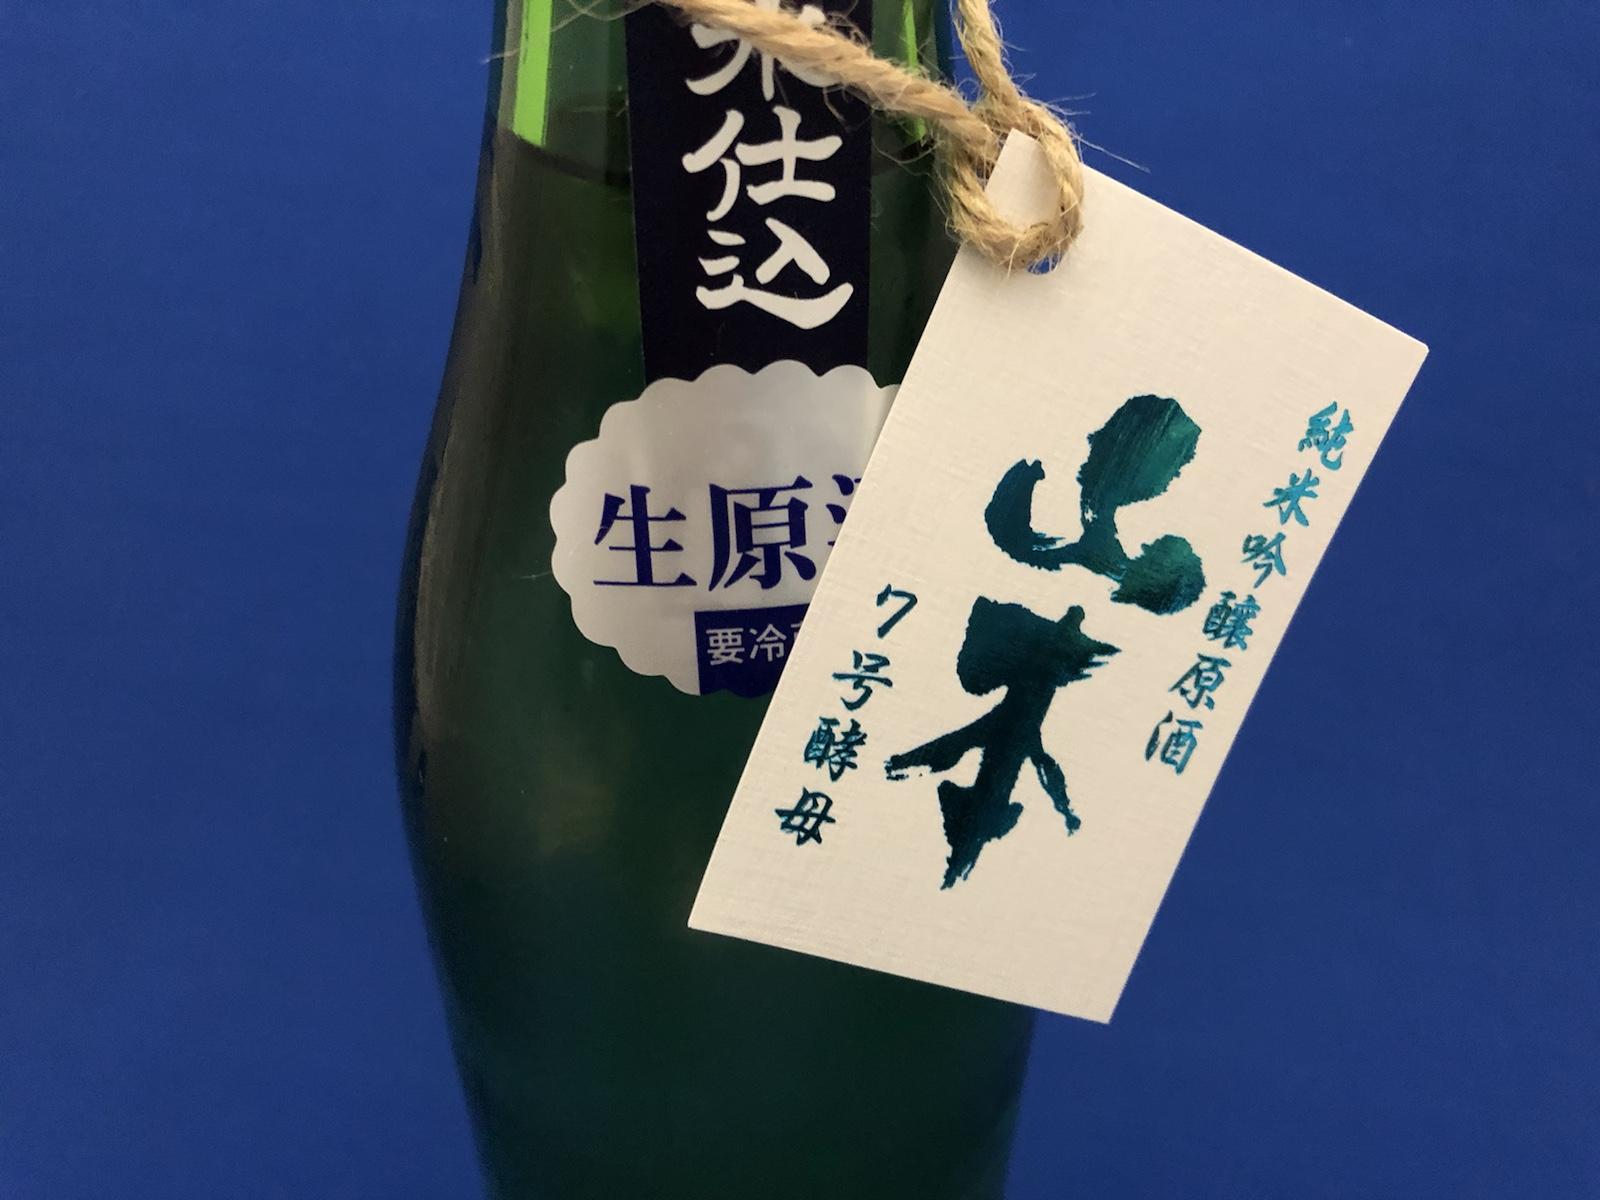 クラシック酵母飲み比べ!純米吟醸生原酒「山本」7号酵母